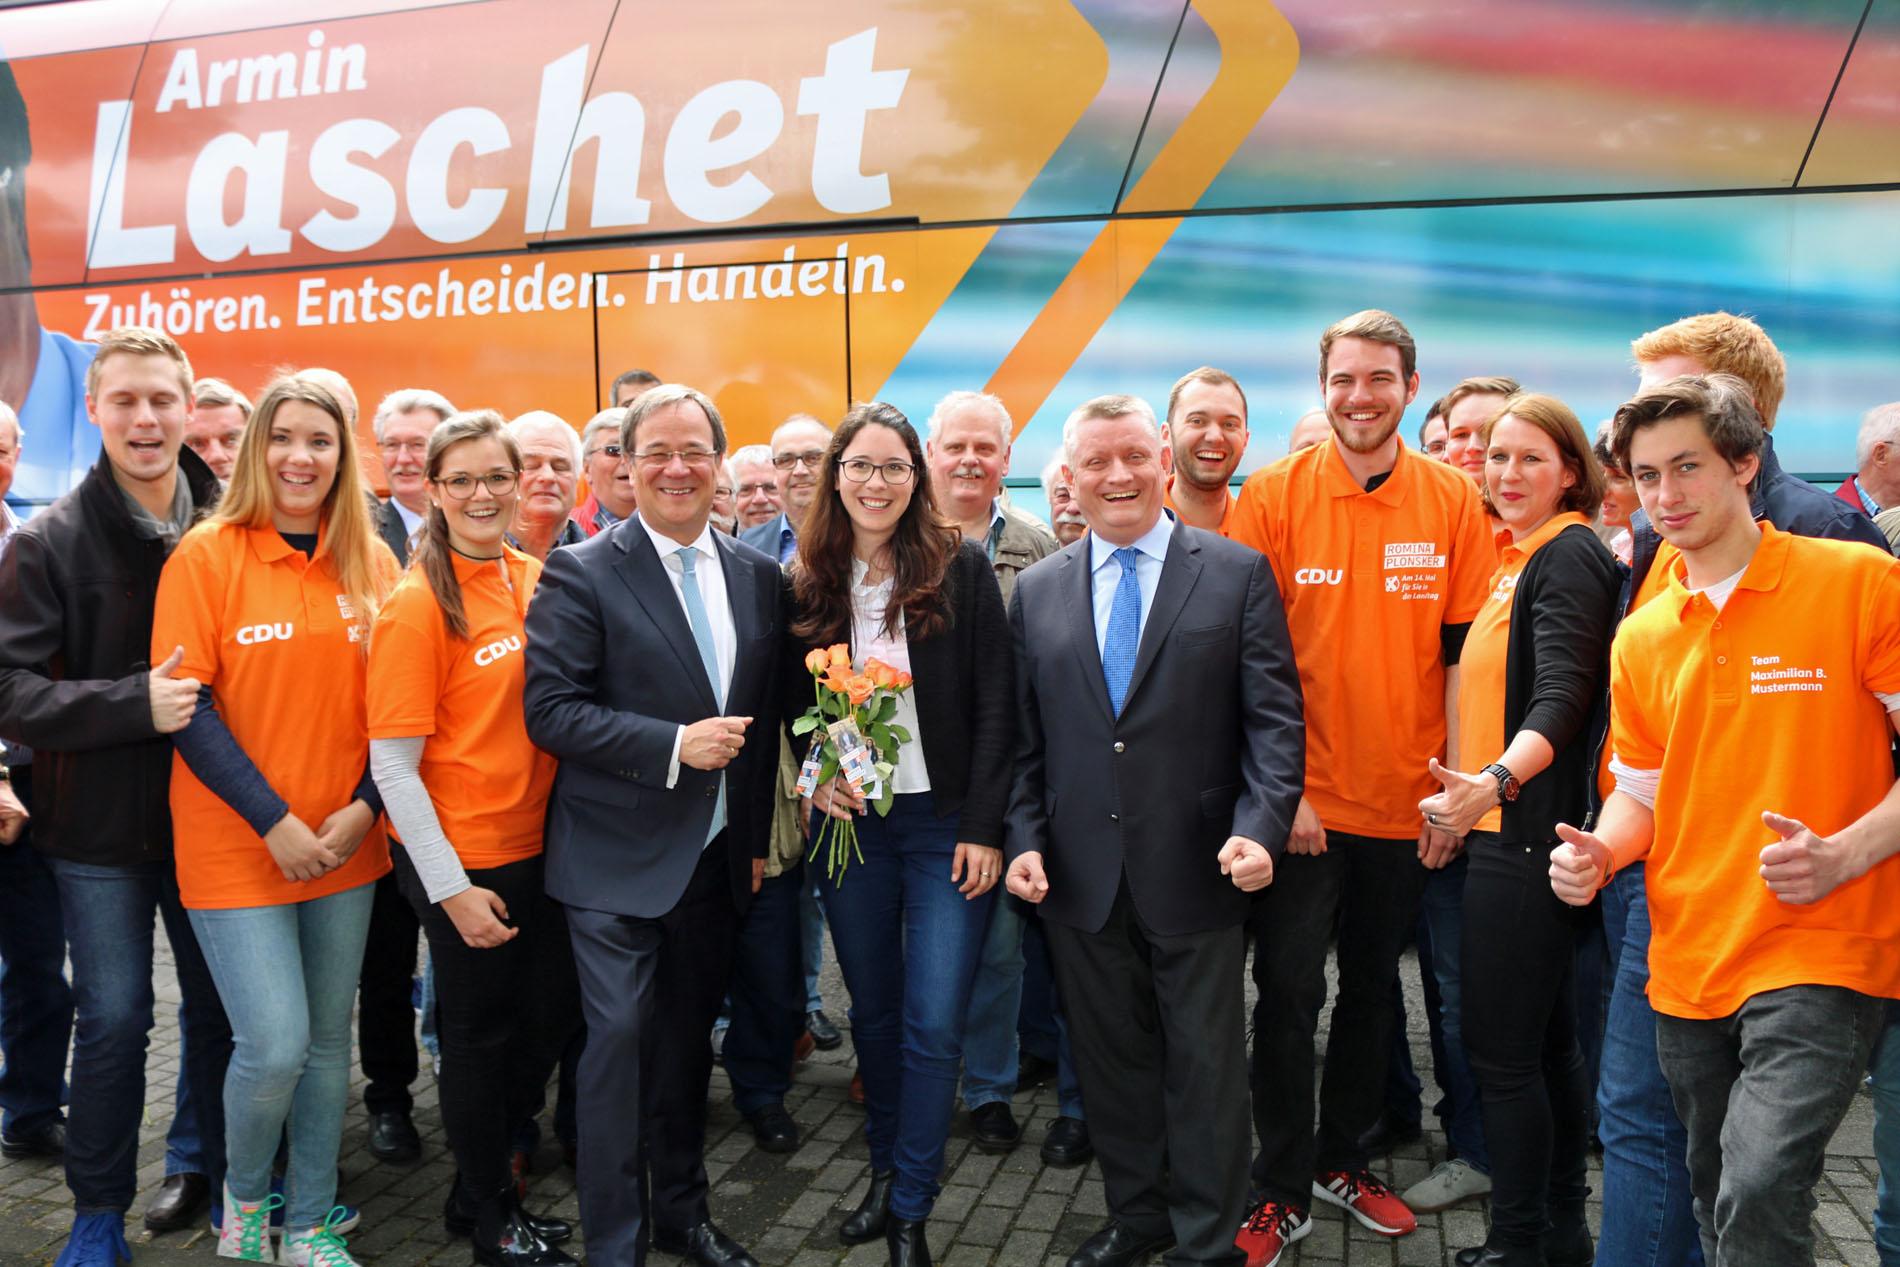 Armin Laschet freut sich gemeinsam mit Romina Plonsker und Hermann Gröhe sowie dem CDU-Wahlkampfteam bei der Abreise in Bedburg-Kaster auf den bevorstehenden Wahl-Sonntag. (Foto: Bastian Schlößer)